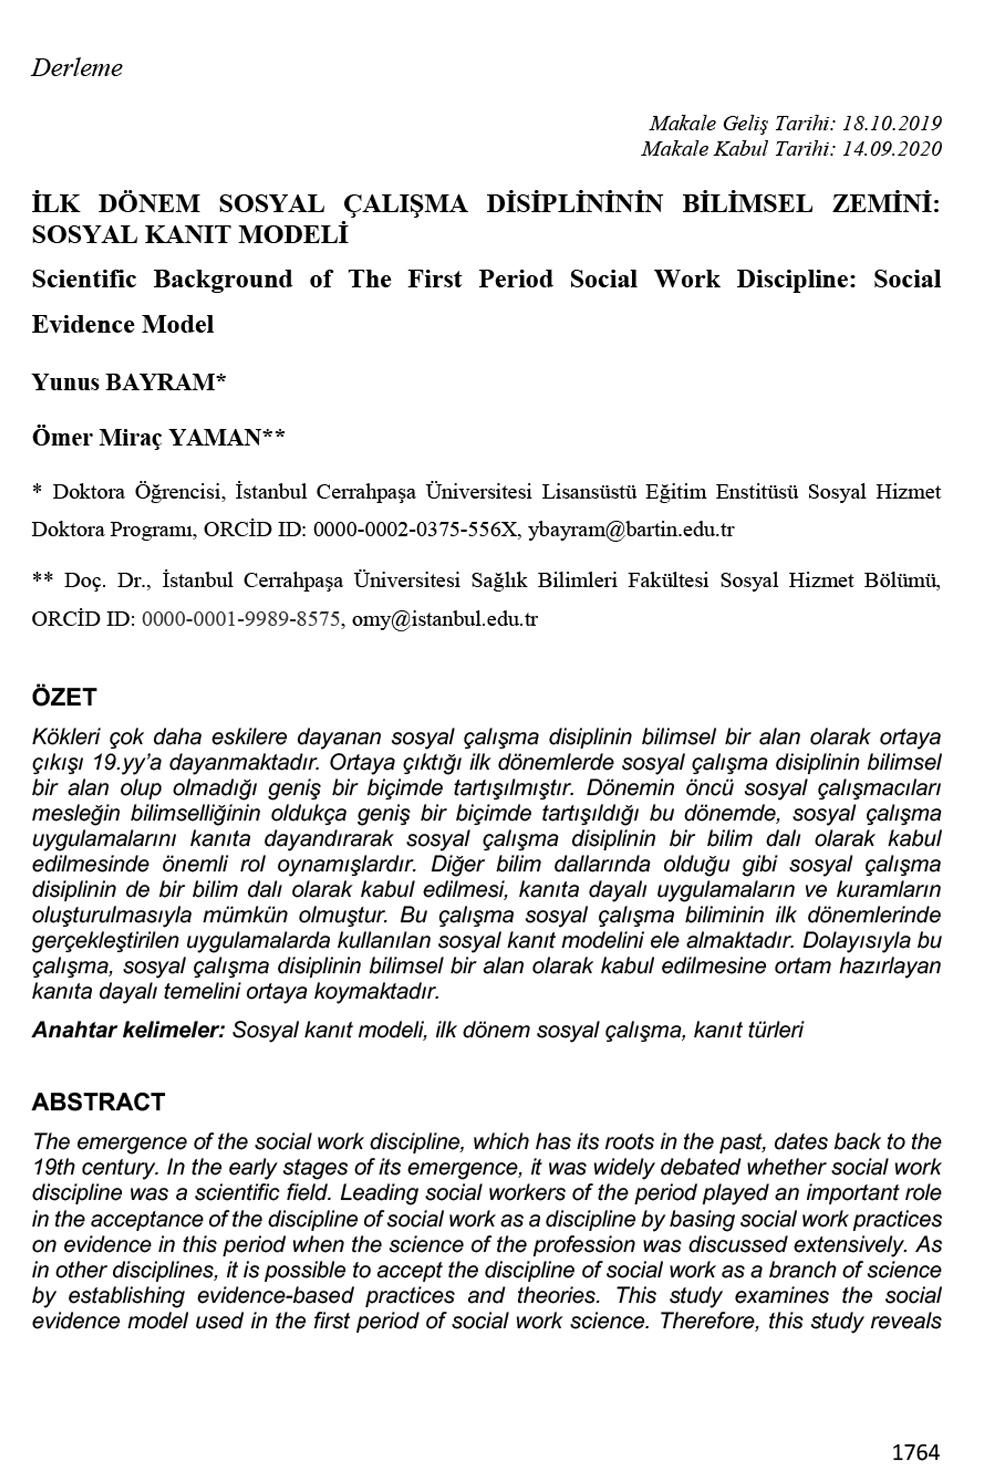 İlk Dönem Sosyal Çalışma Disiplininin Bilimsel Zemini: Sosyal Kanıt Modeli